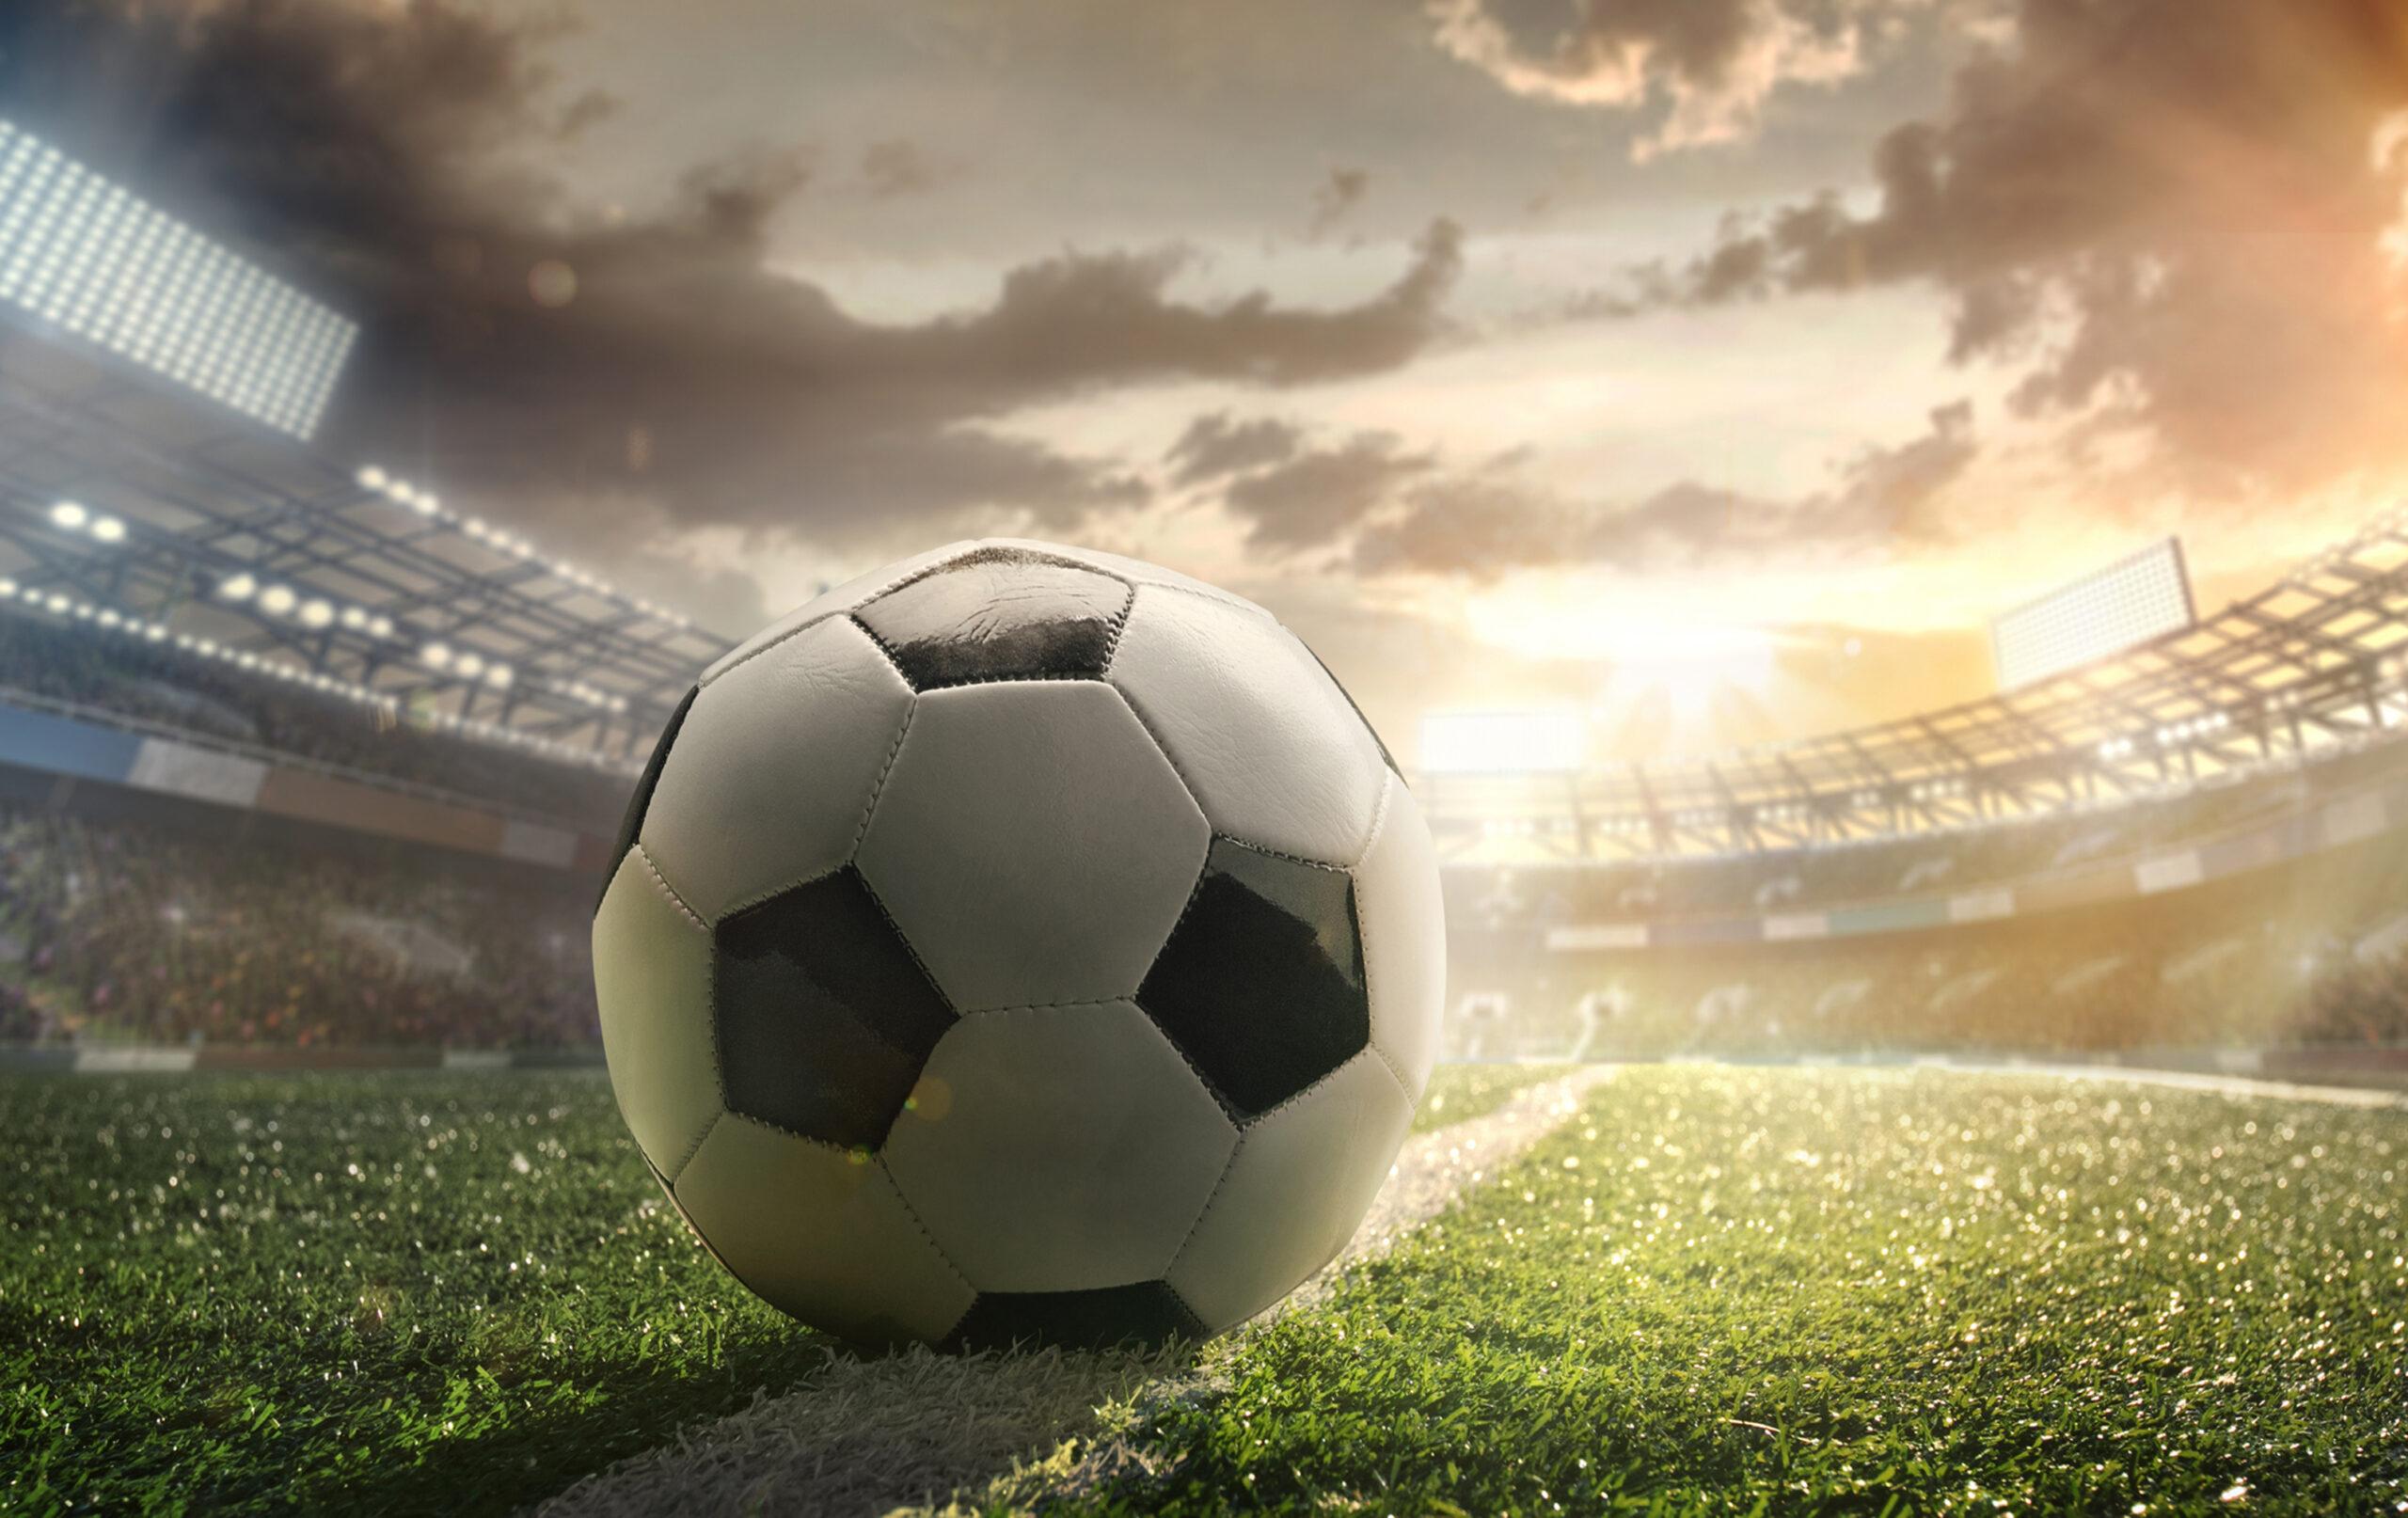 Sport. Soccer. Football